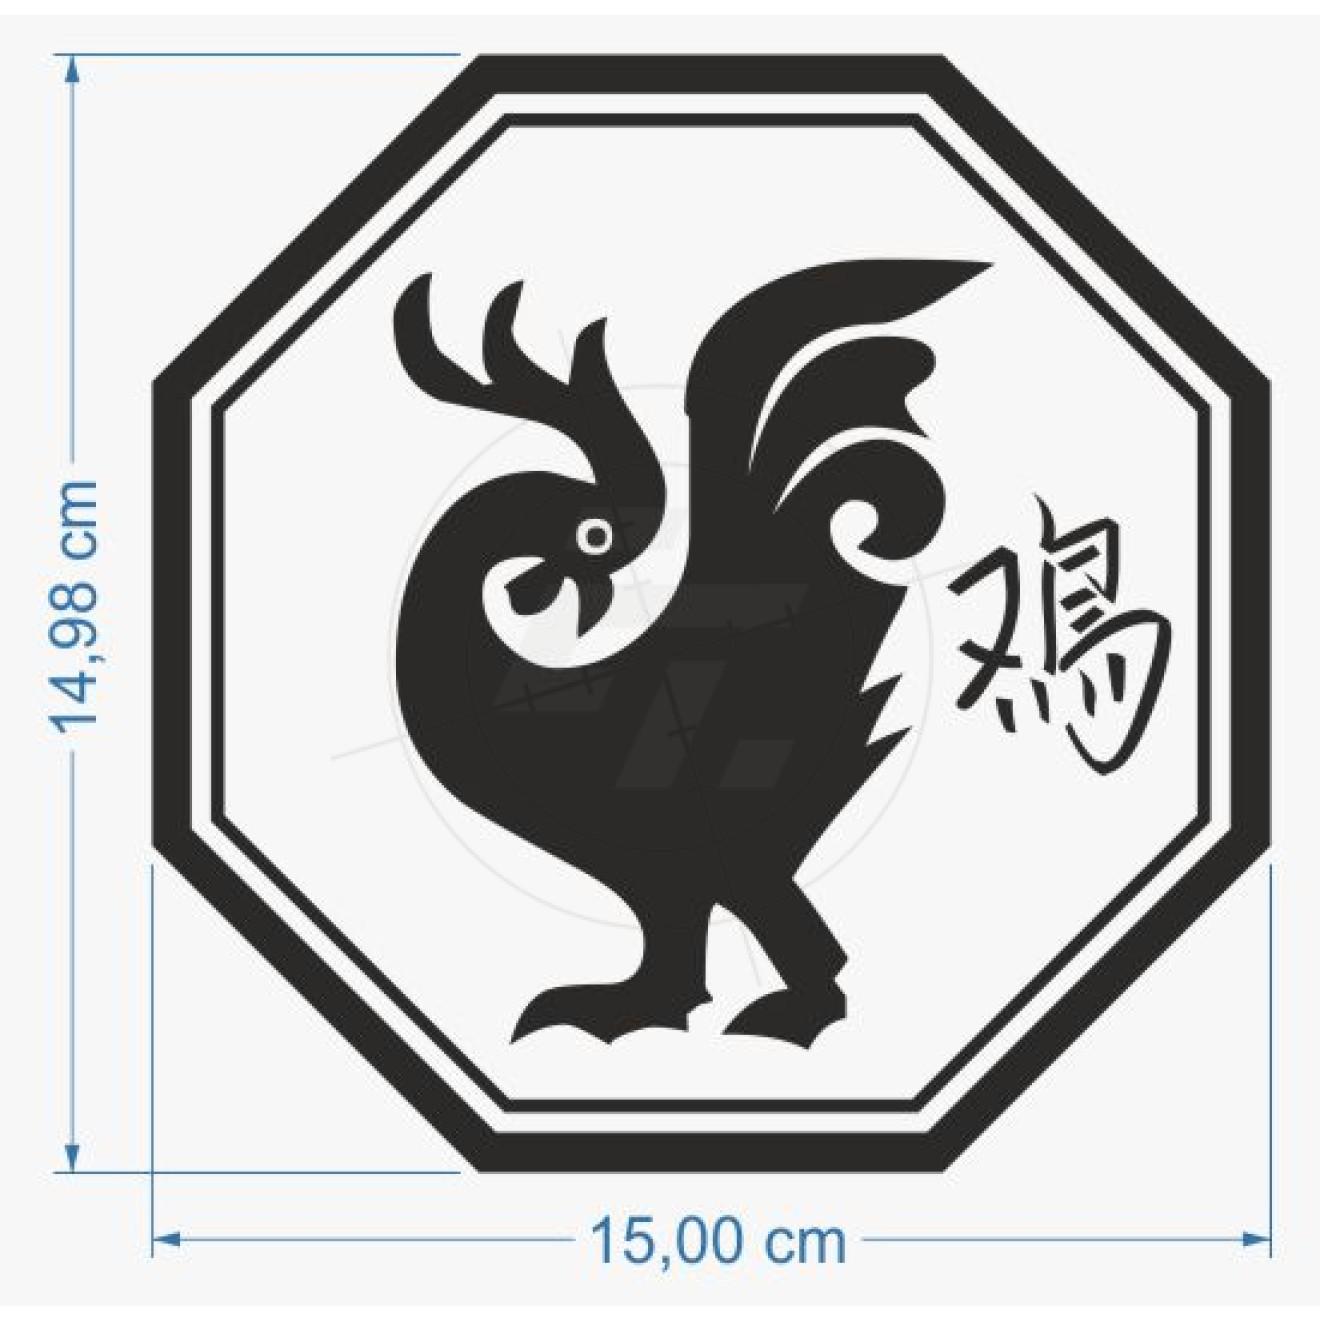 huhn hahn chinesisches horoskop tierkreiszeichen mit tiersymbol